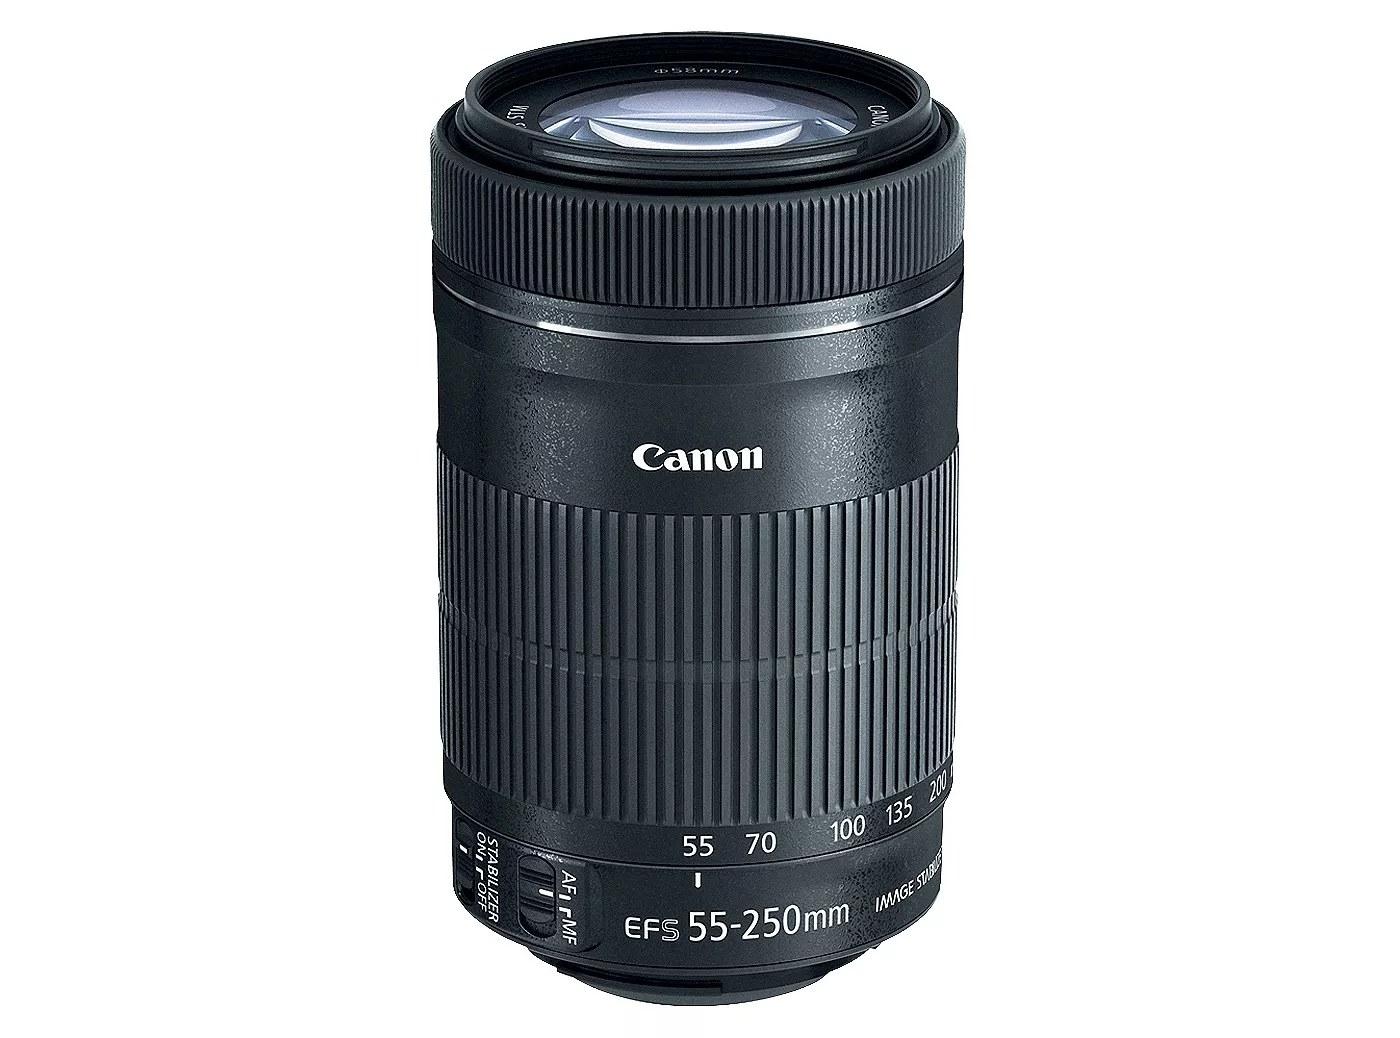 A Canon 55-250mm DSLR lens